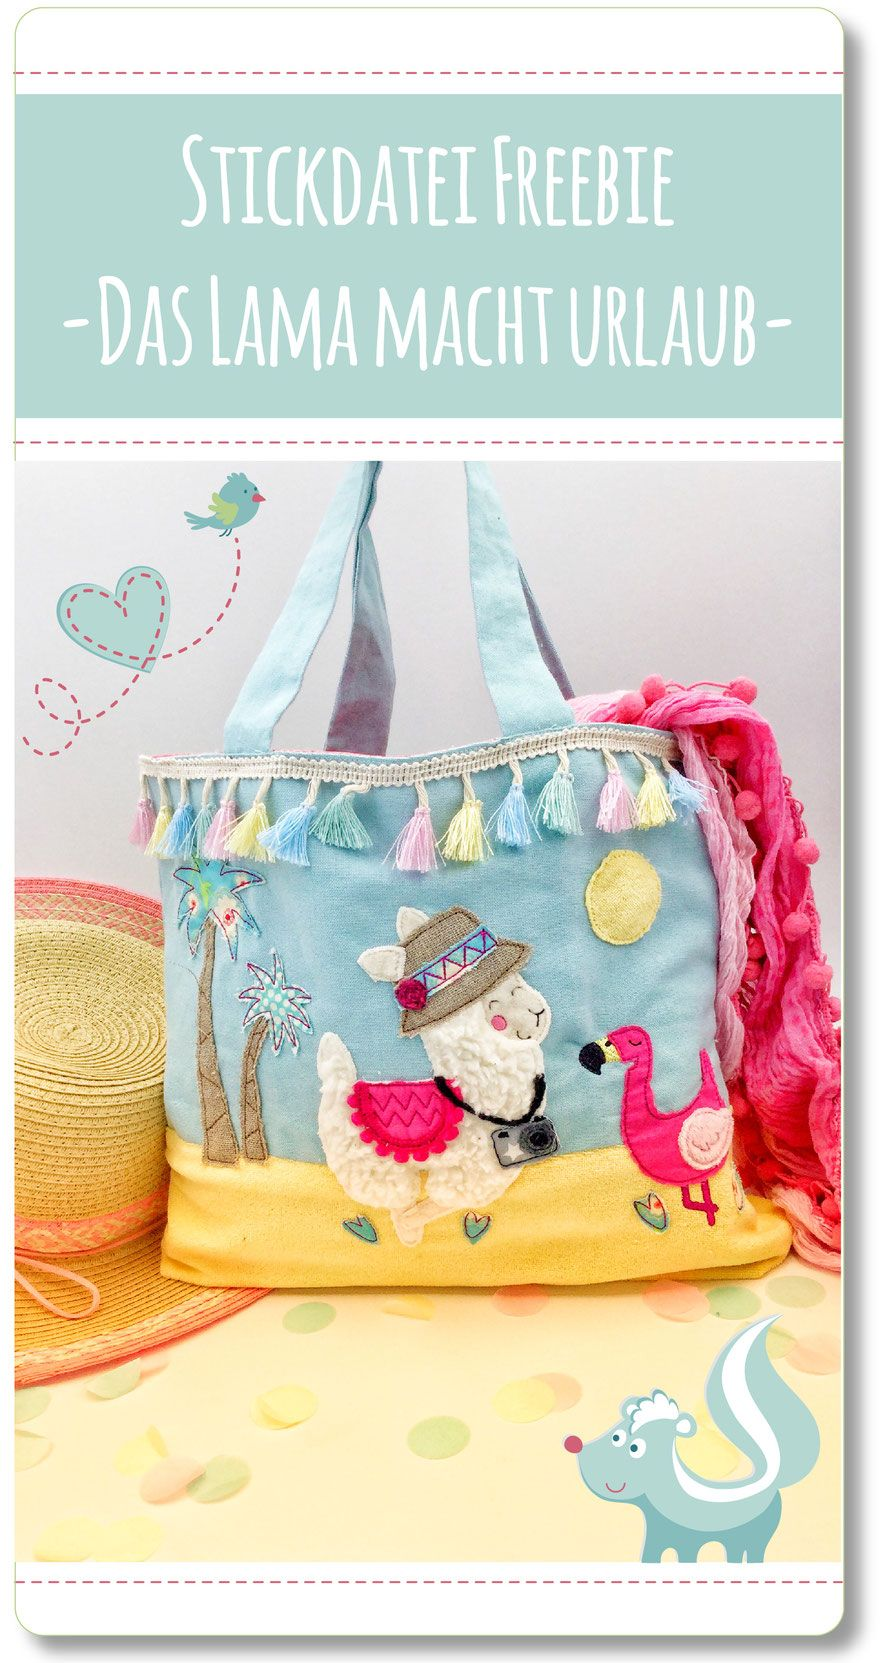 Sticktier Stickdatei Freebie für die Stickmaschine, Lama Stickdatei Freebie von Sticktier #embroiderypatternsbeginner